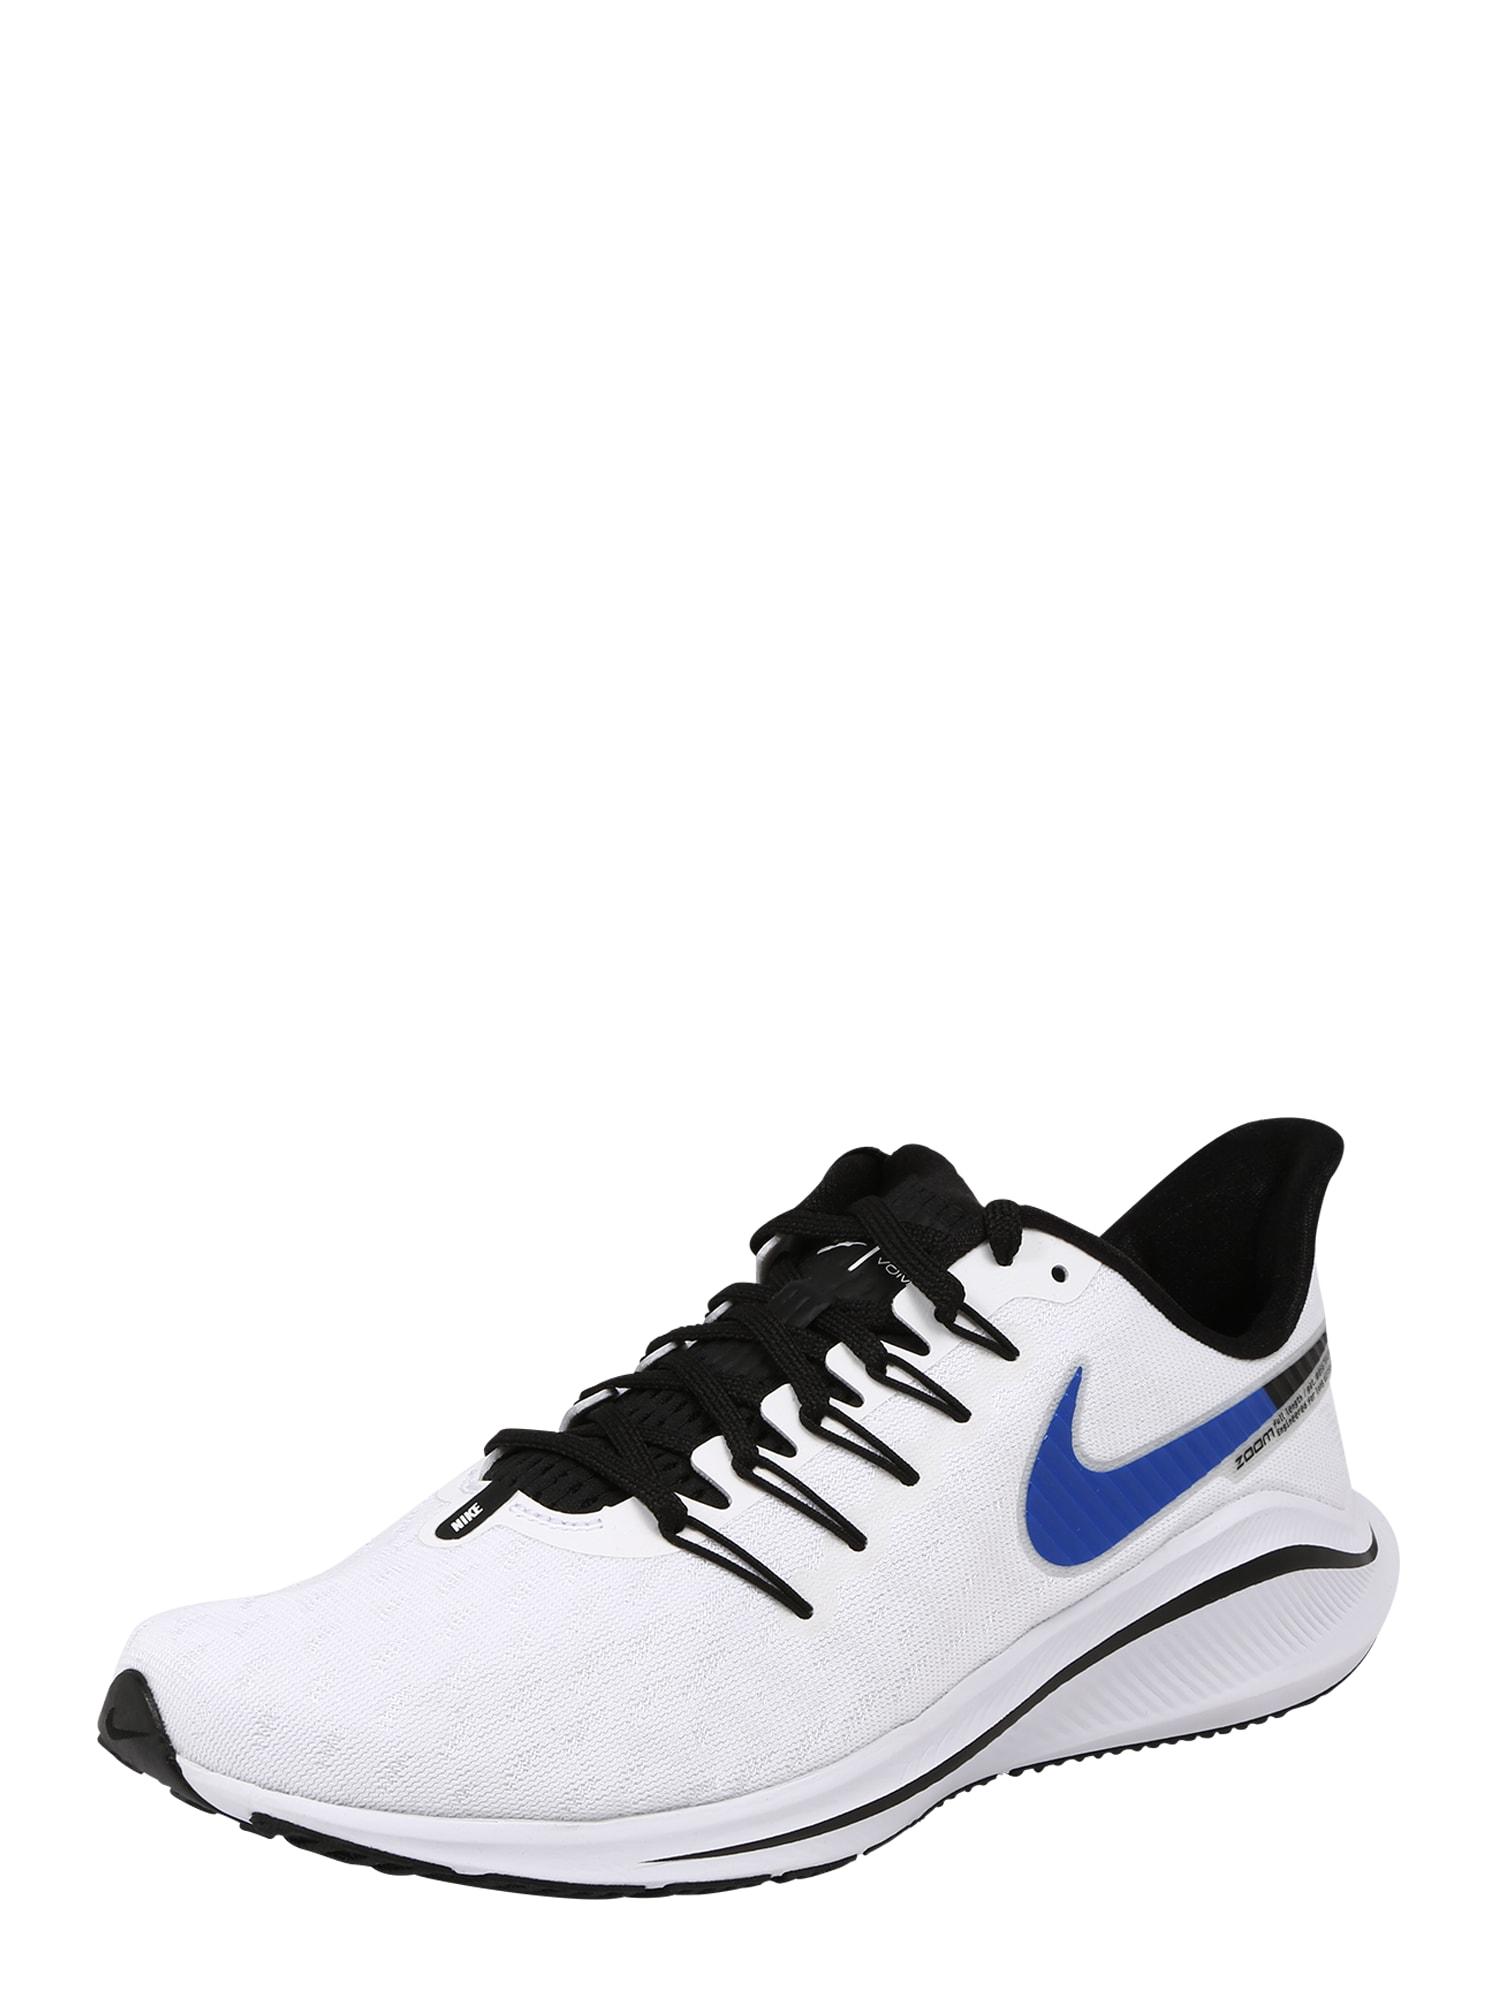 Běžecká obuv Nike Air Zoom Vomero 14 bílá NIKE